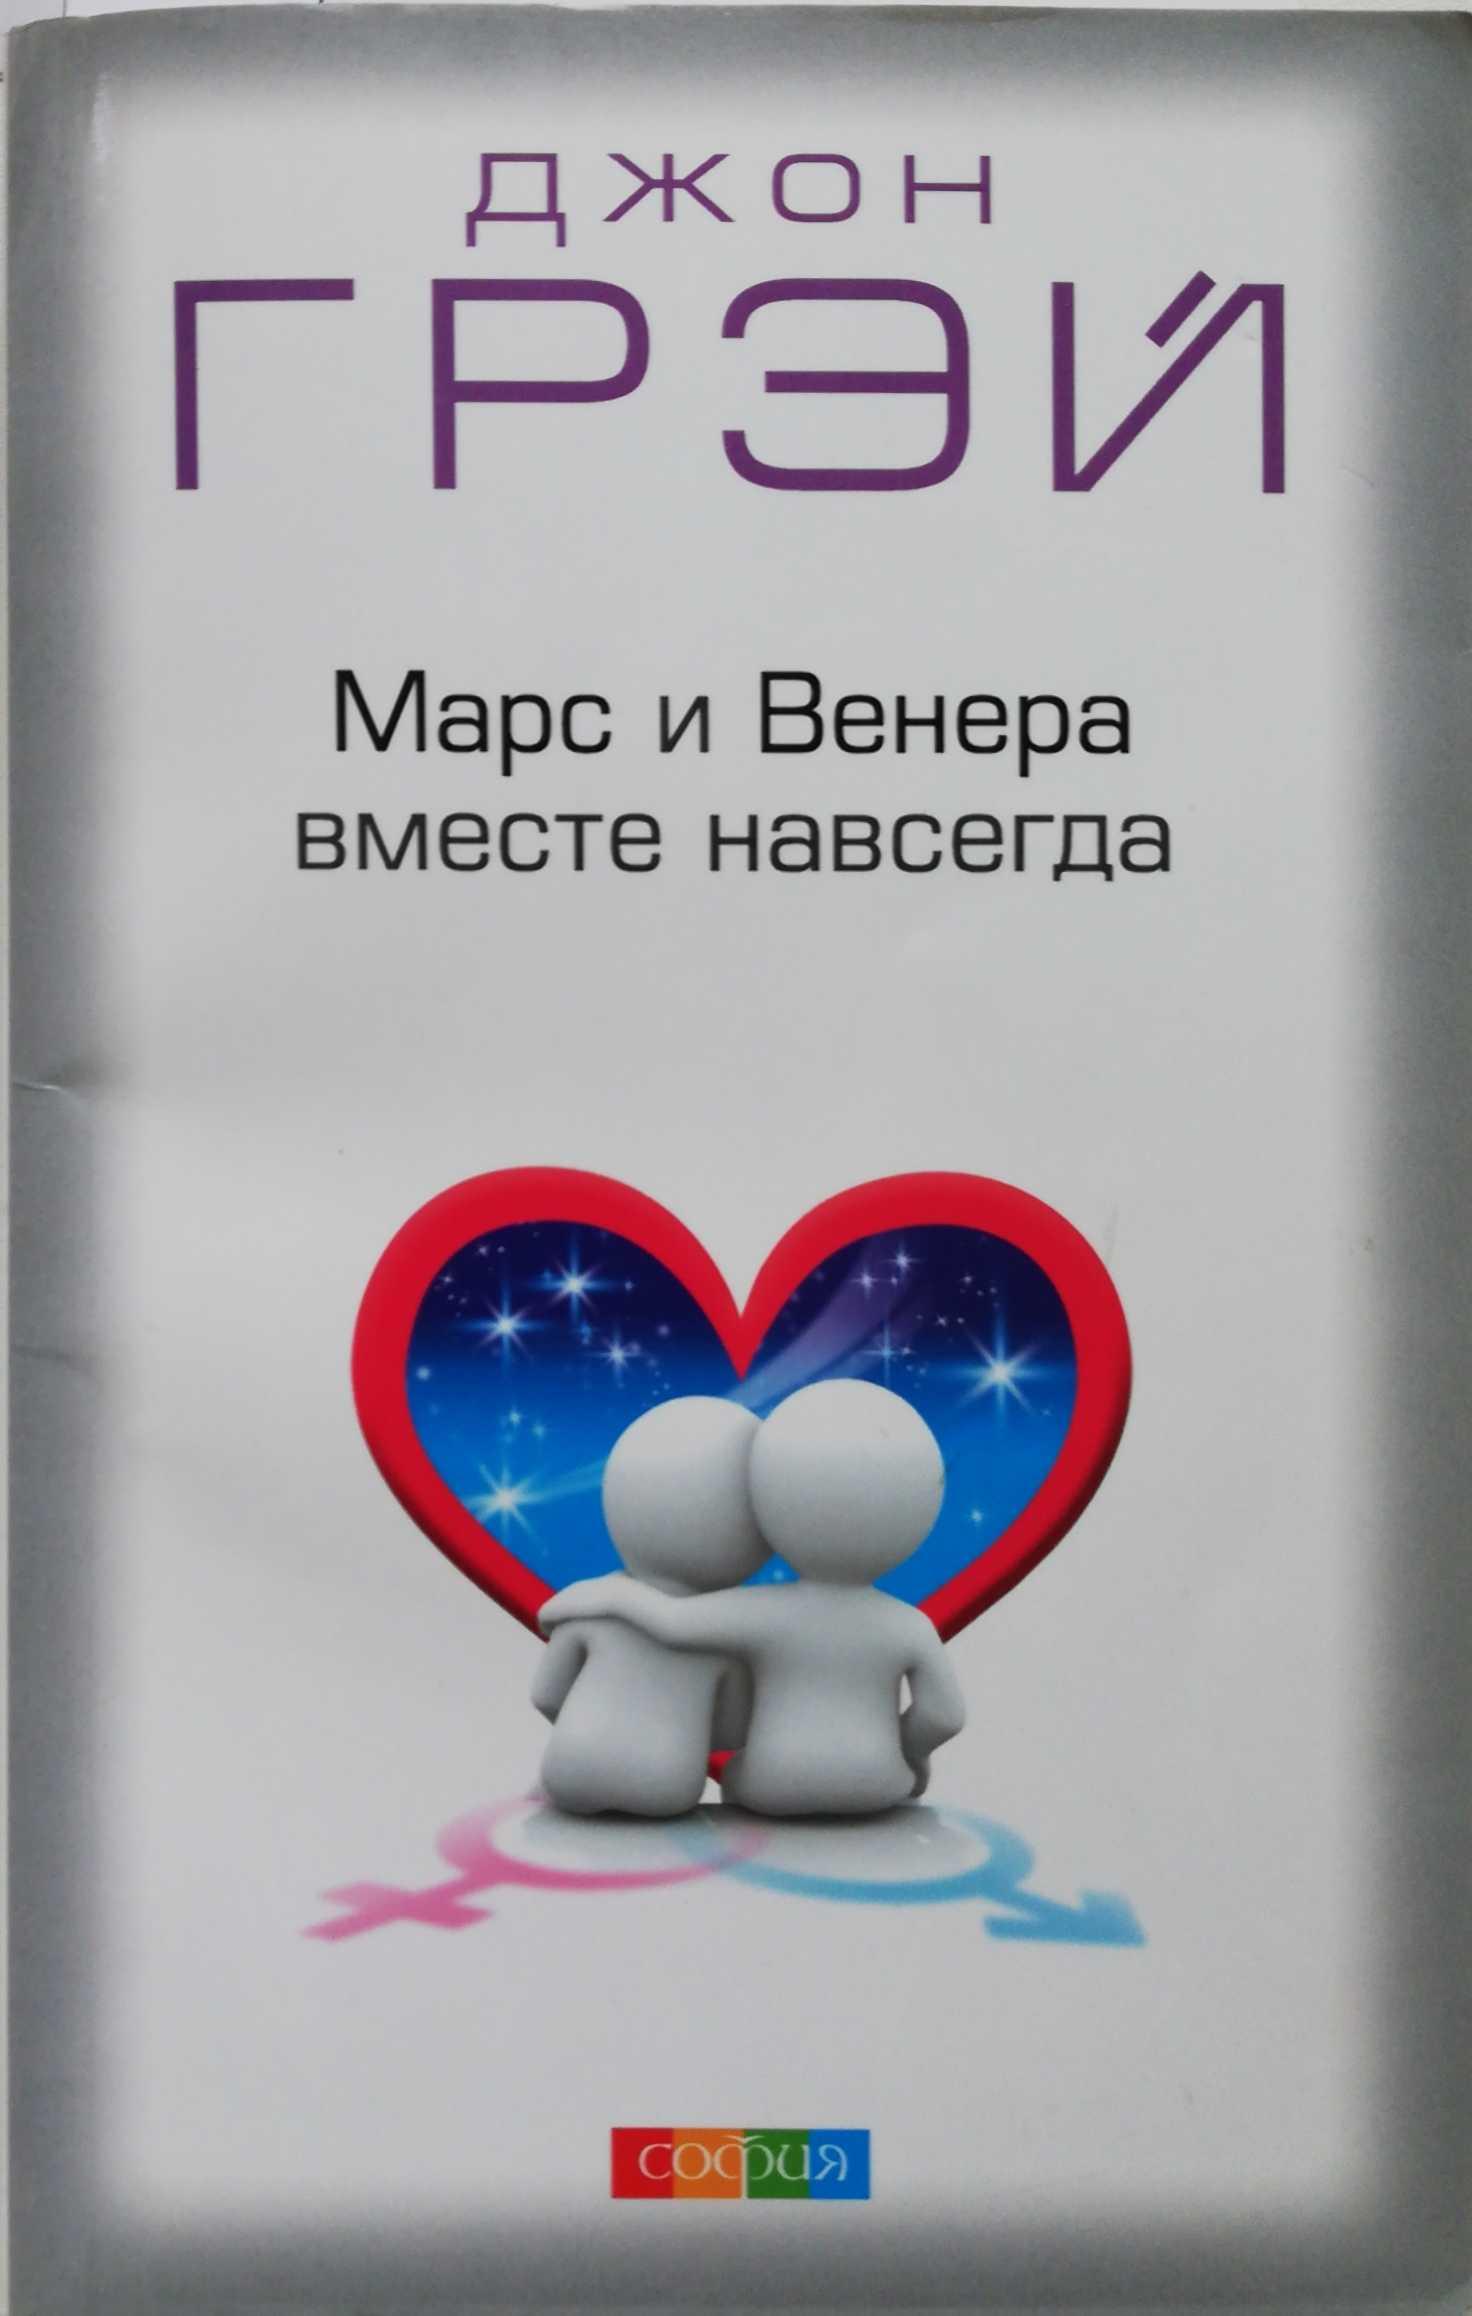 Грэй Джон Марс и Венера вместе навсегда. Как сберечь любовь